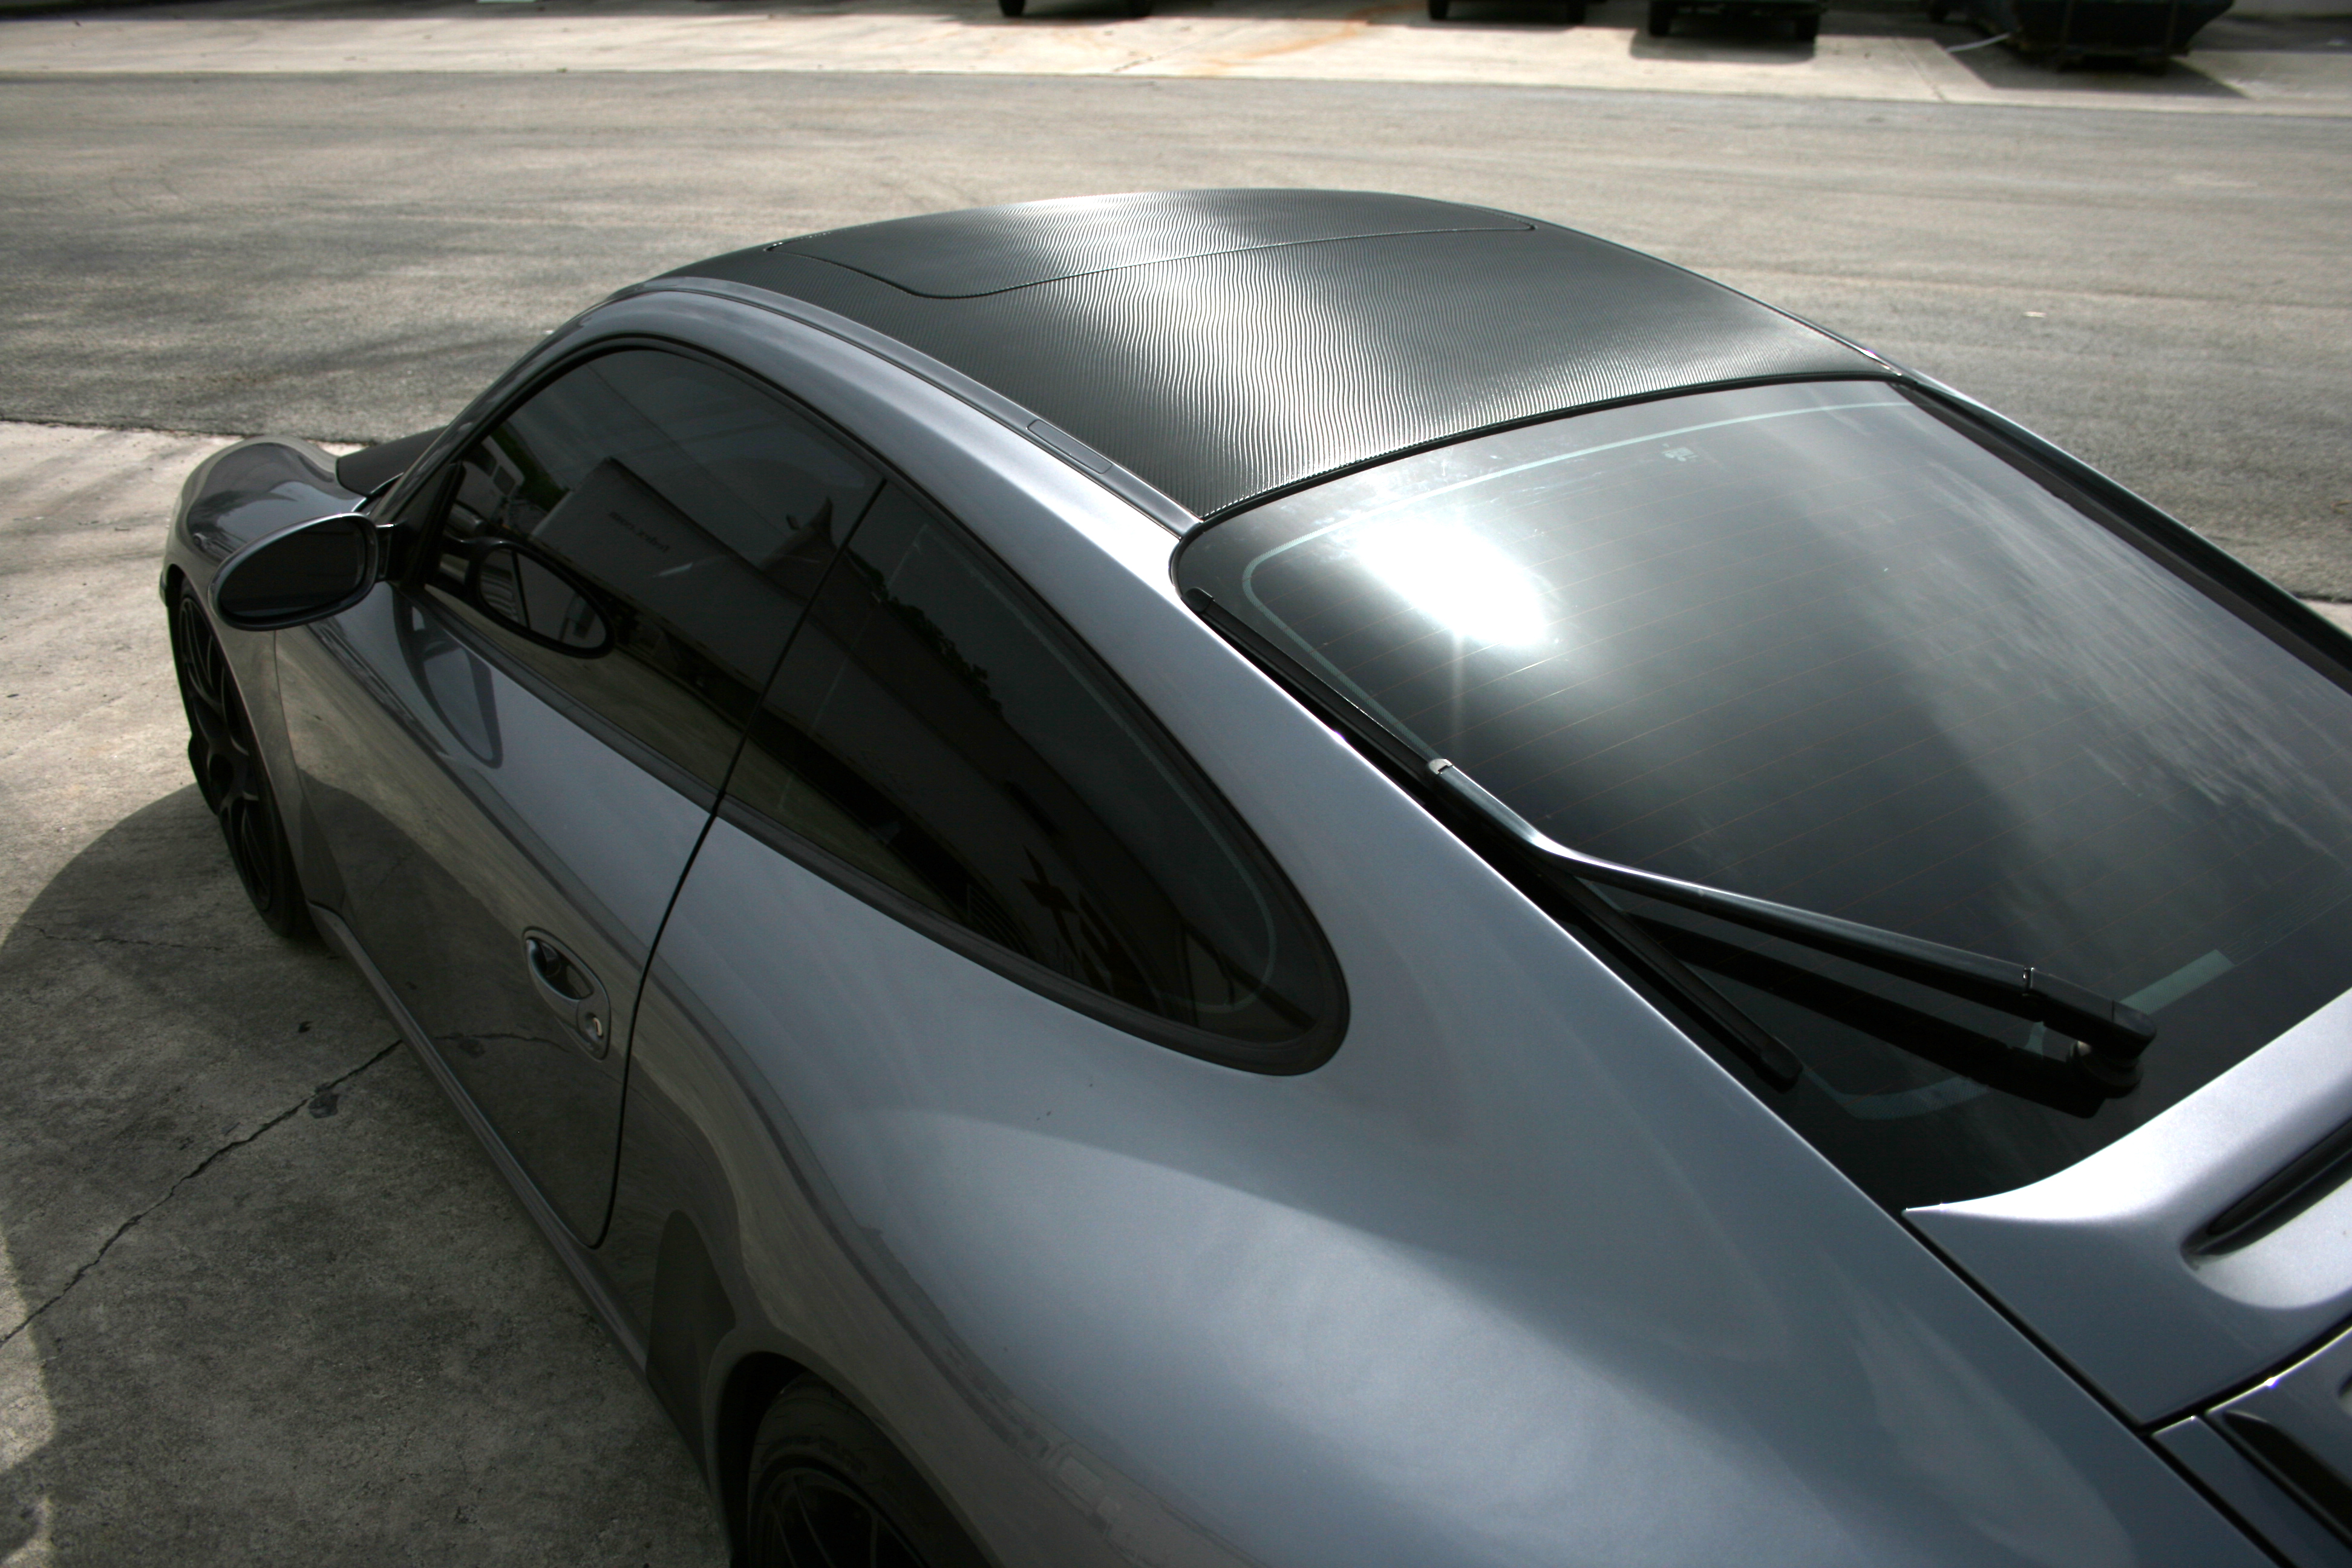 Porsche 911 Carbon Fiber Hood Amp Roof Wrap Fort Lauderdale